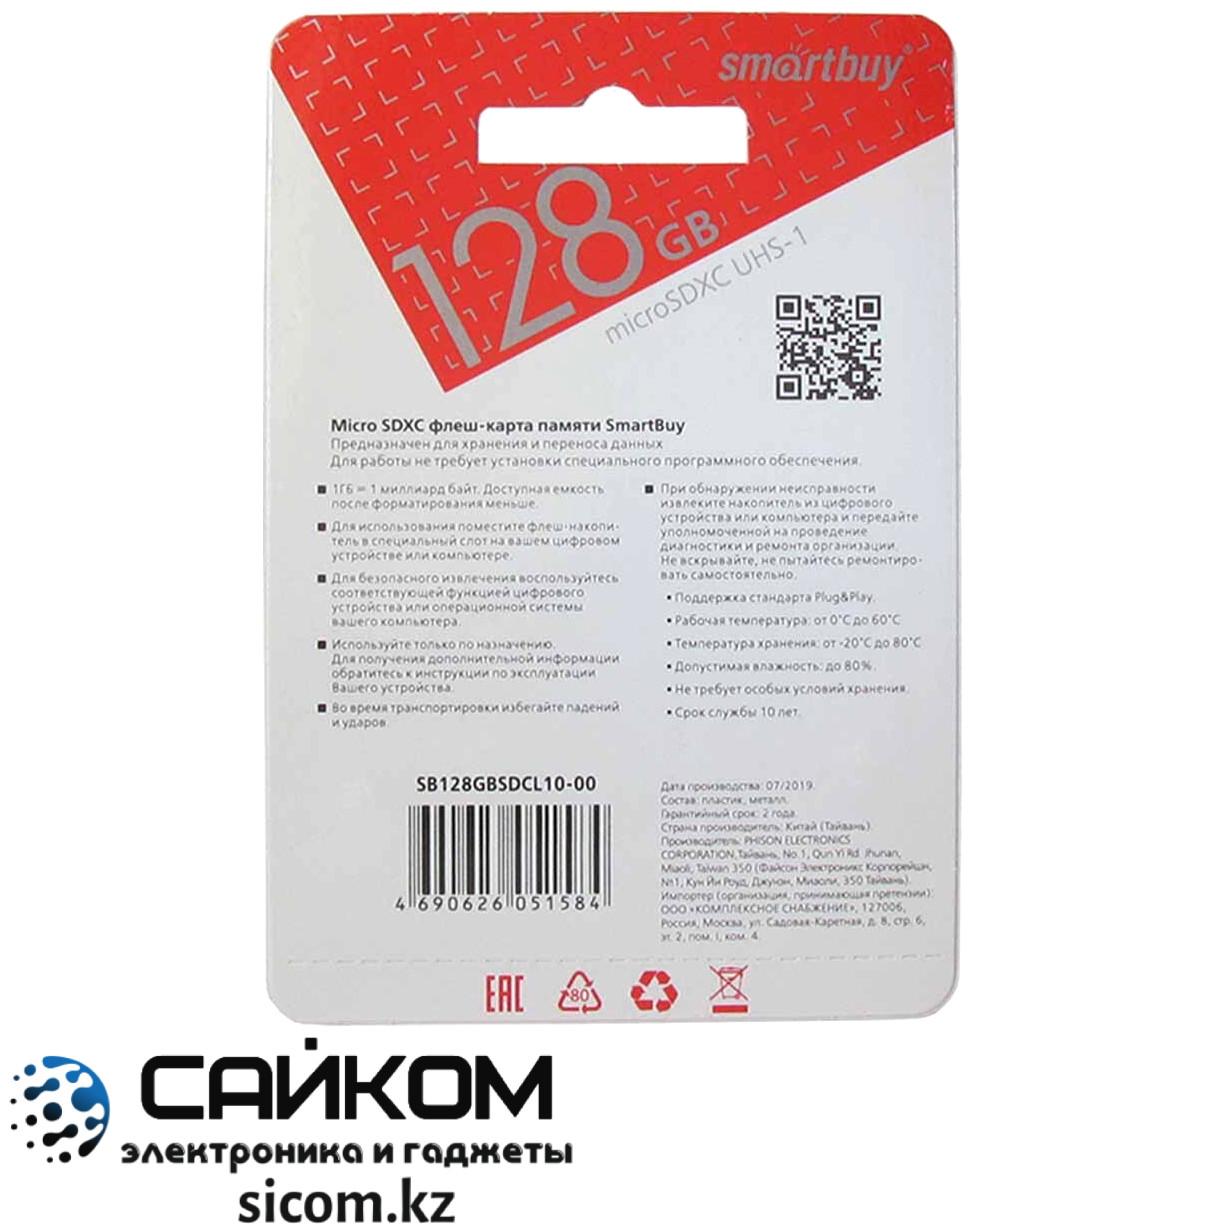 Карта памяти microSDXC Smartbuy 128 GB (class 10) UHS-1 - фото 3